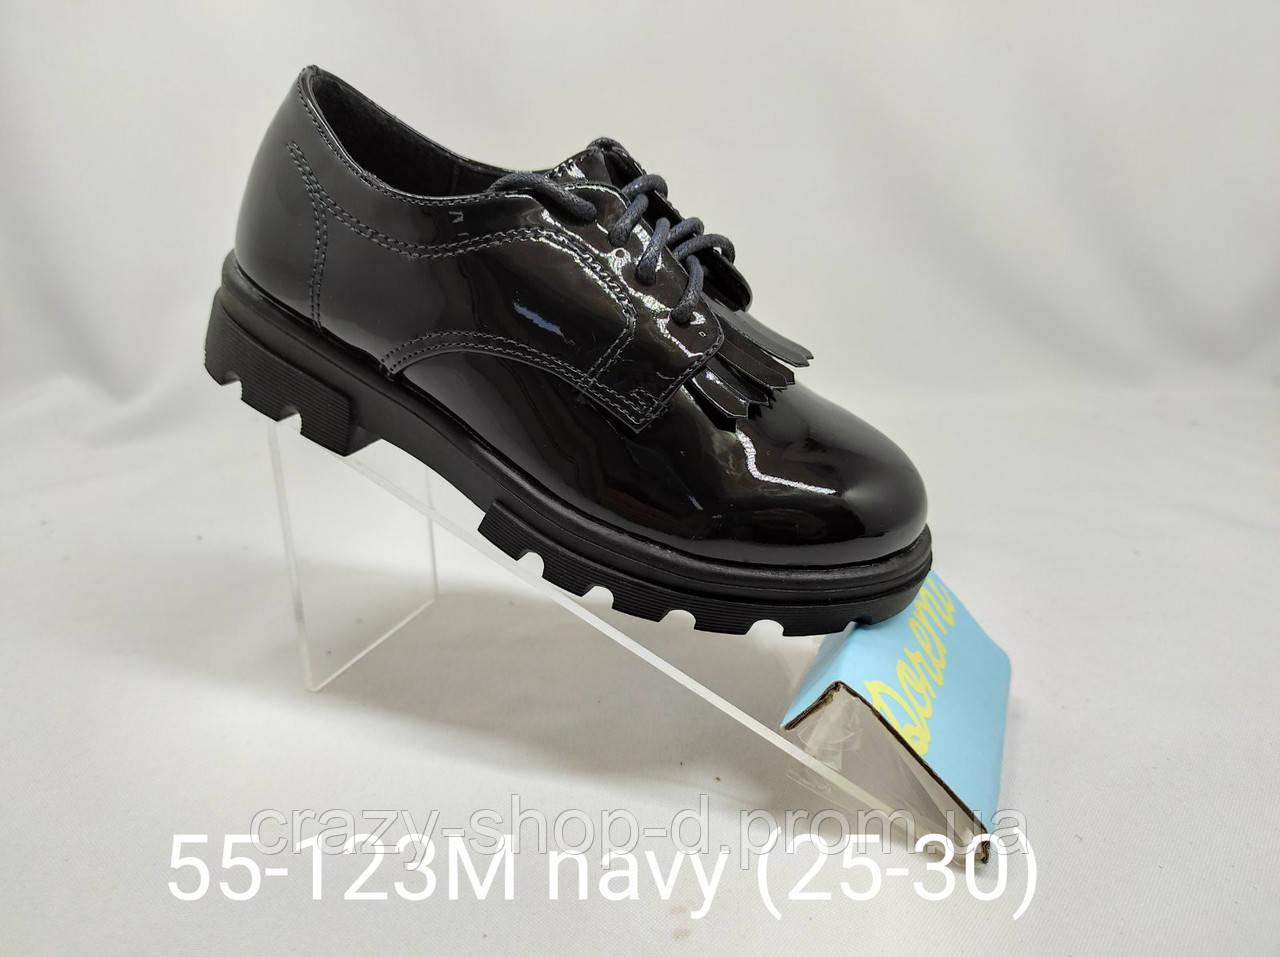 Сині черевички на шнурочках для дівчинки. Школа.